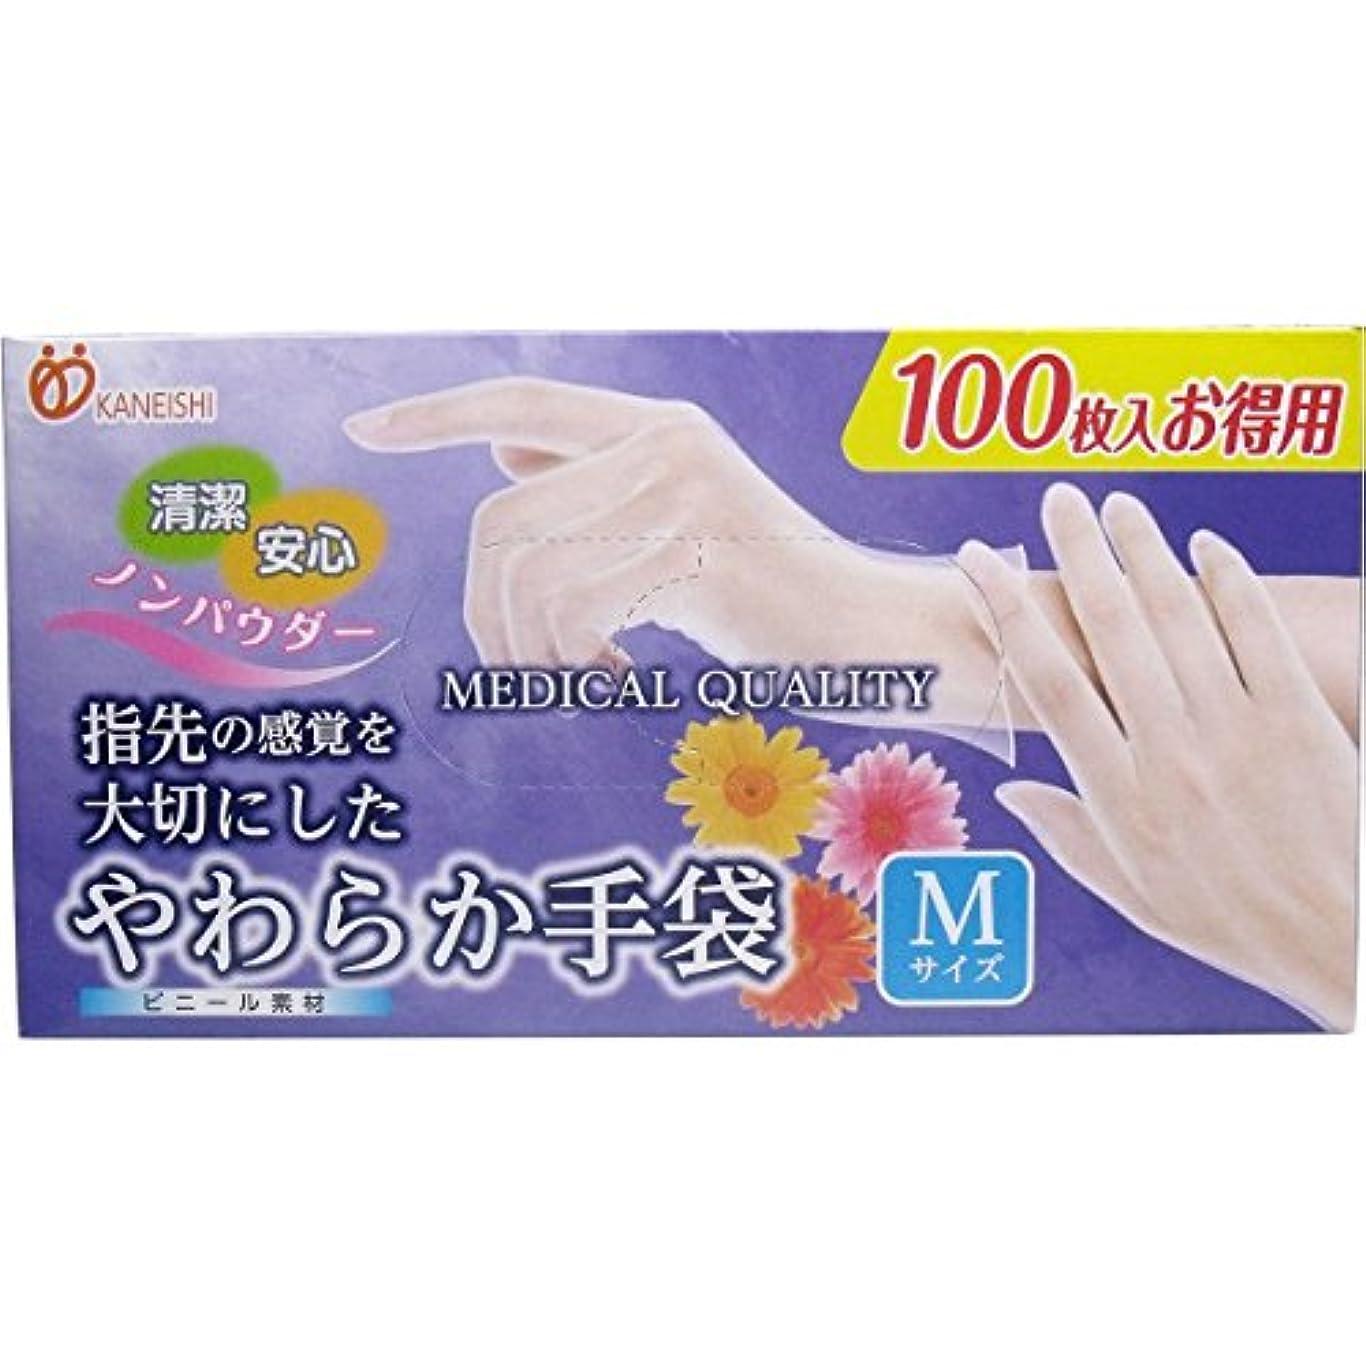 体操選手大学院石炭やわらか手袋 ビニール素材 Mサイズ 100枚入x3